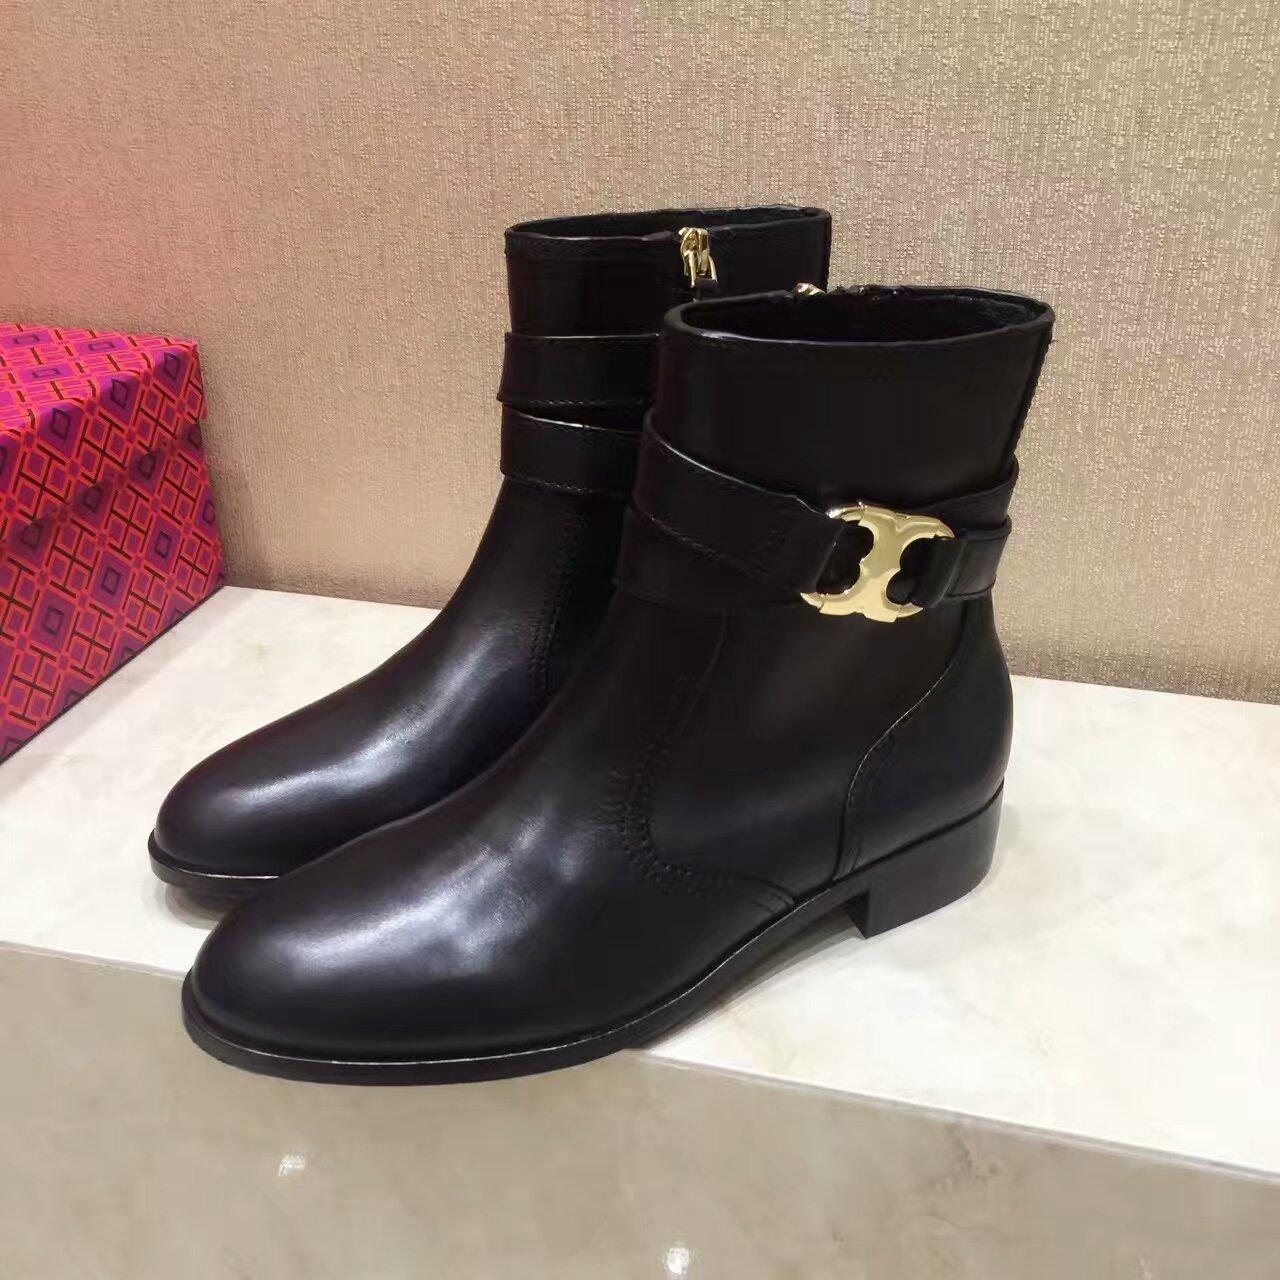 Tory Burch 16ss秋冬短靴,出香港订单原厂原单,支持专柜验货